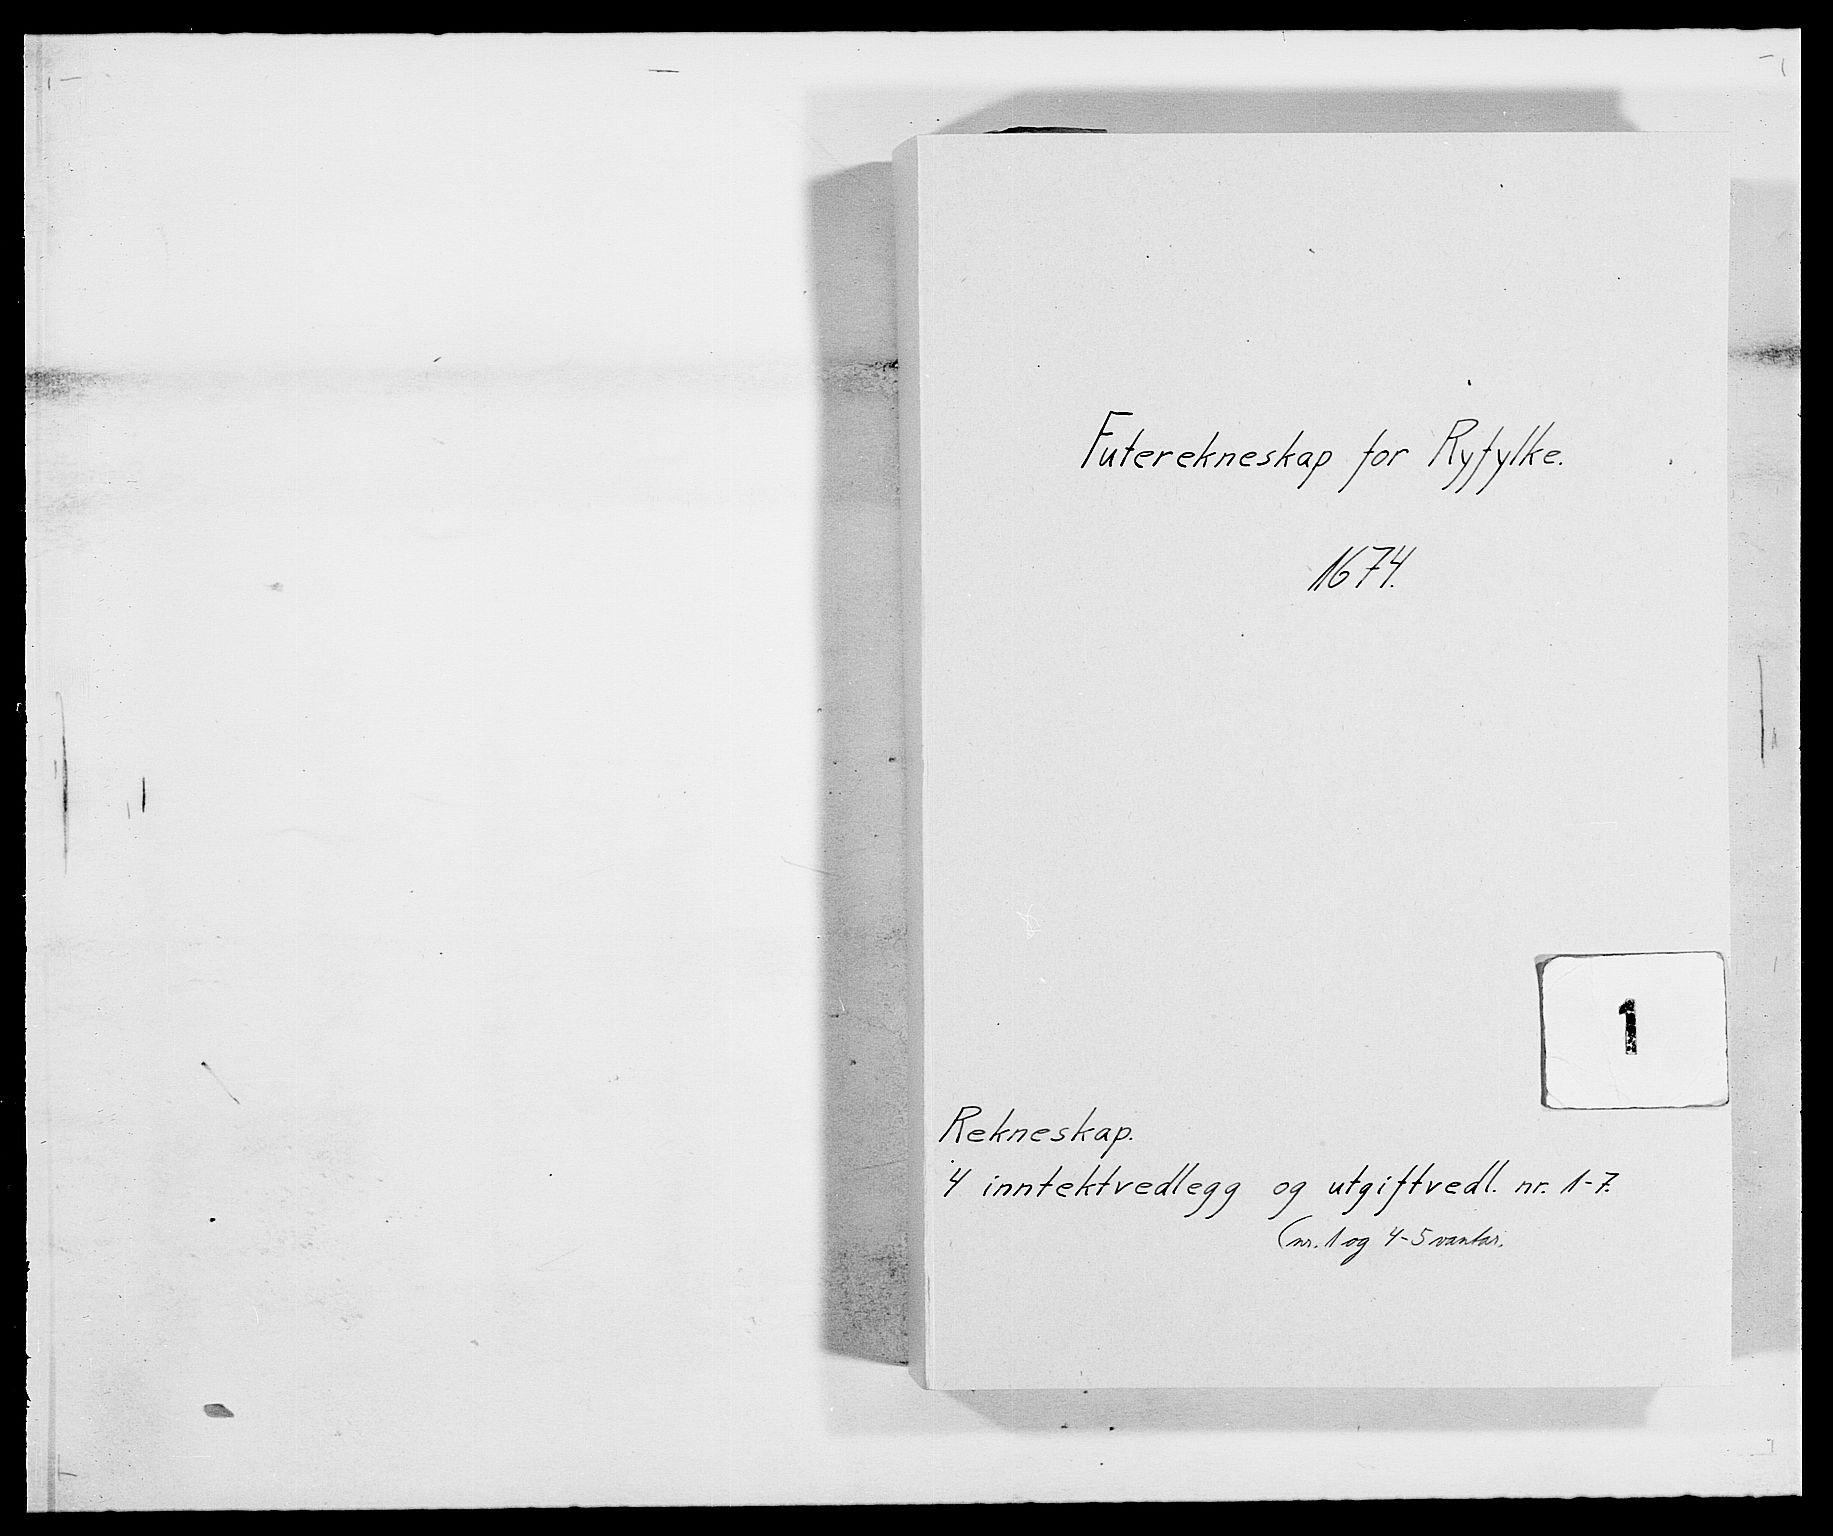 RA, Rentekammeret inntil 1814, Reviderte regnskaper, Fogderegnskap, R47/L2845: Fogderegnskap Ryfylke, 1674-1675, s. 1